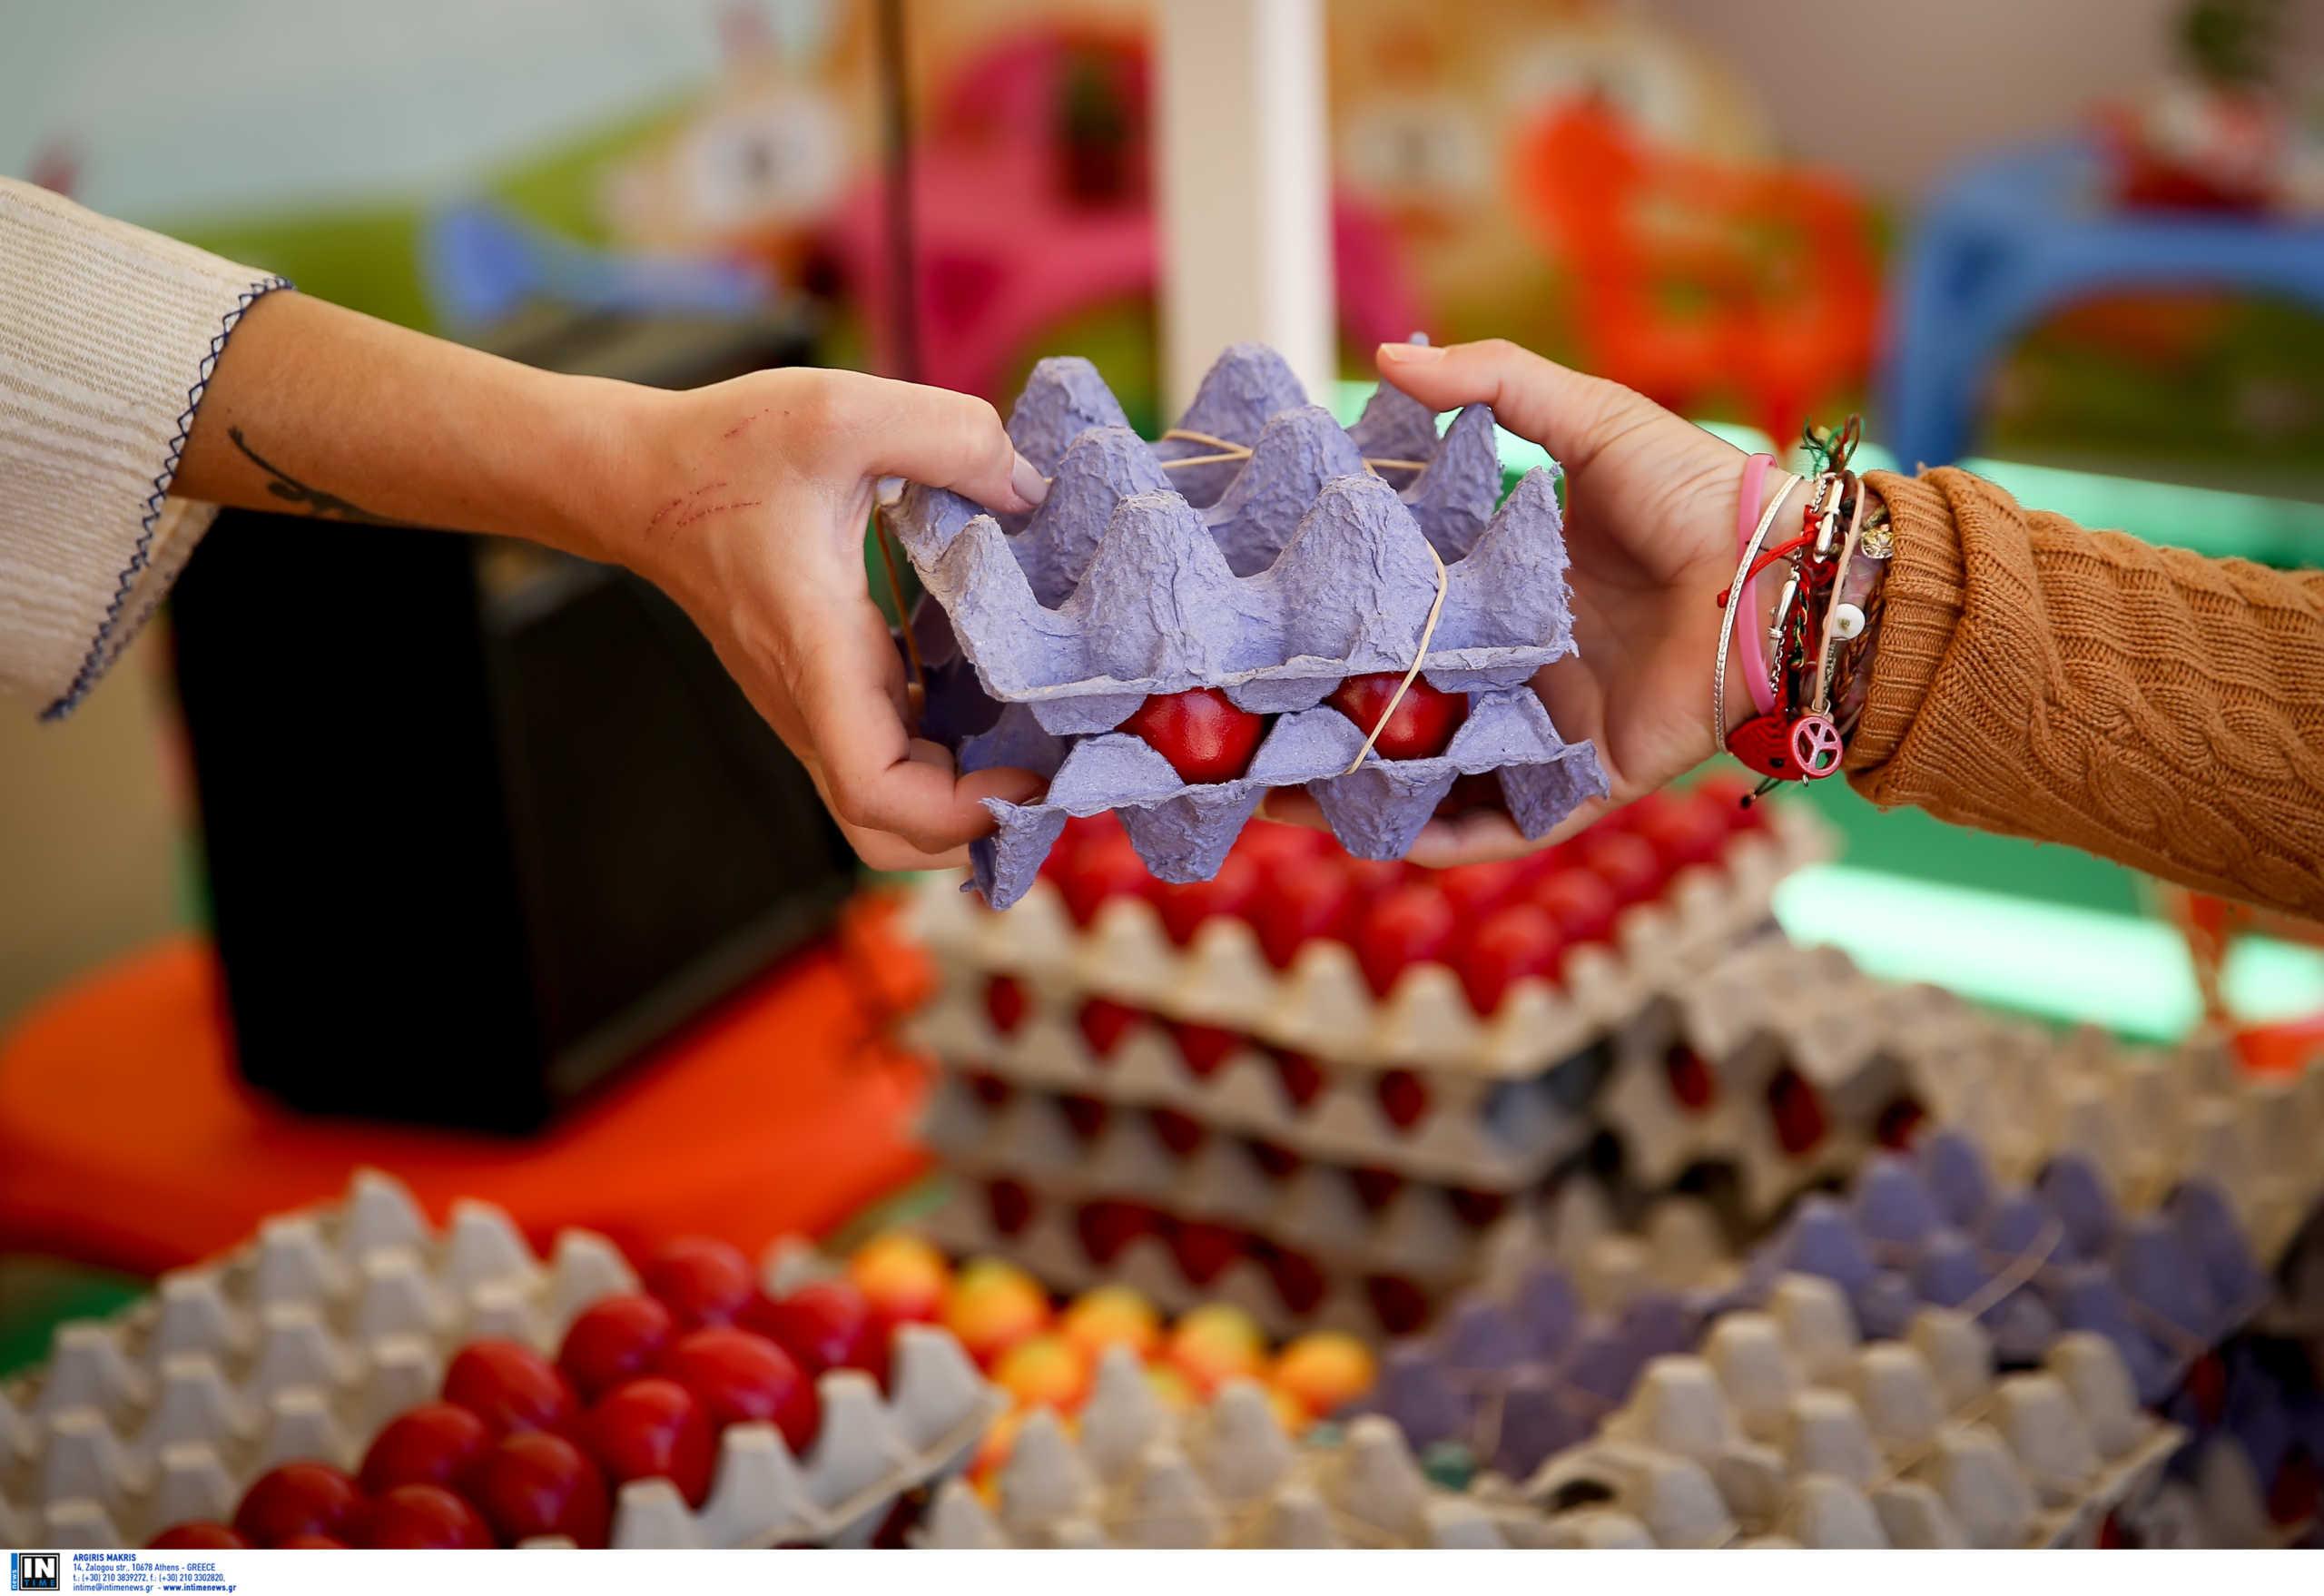 Πάσχα στους Δήμους της Αττικής: Δωρεάν γεύματα, διαδικτυακές λειτουργίες και δωρεάν προβολές